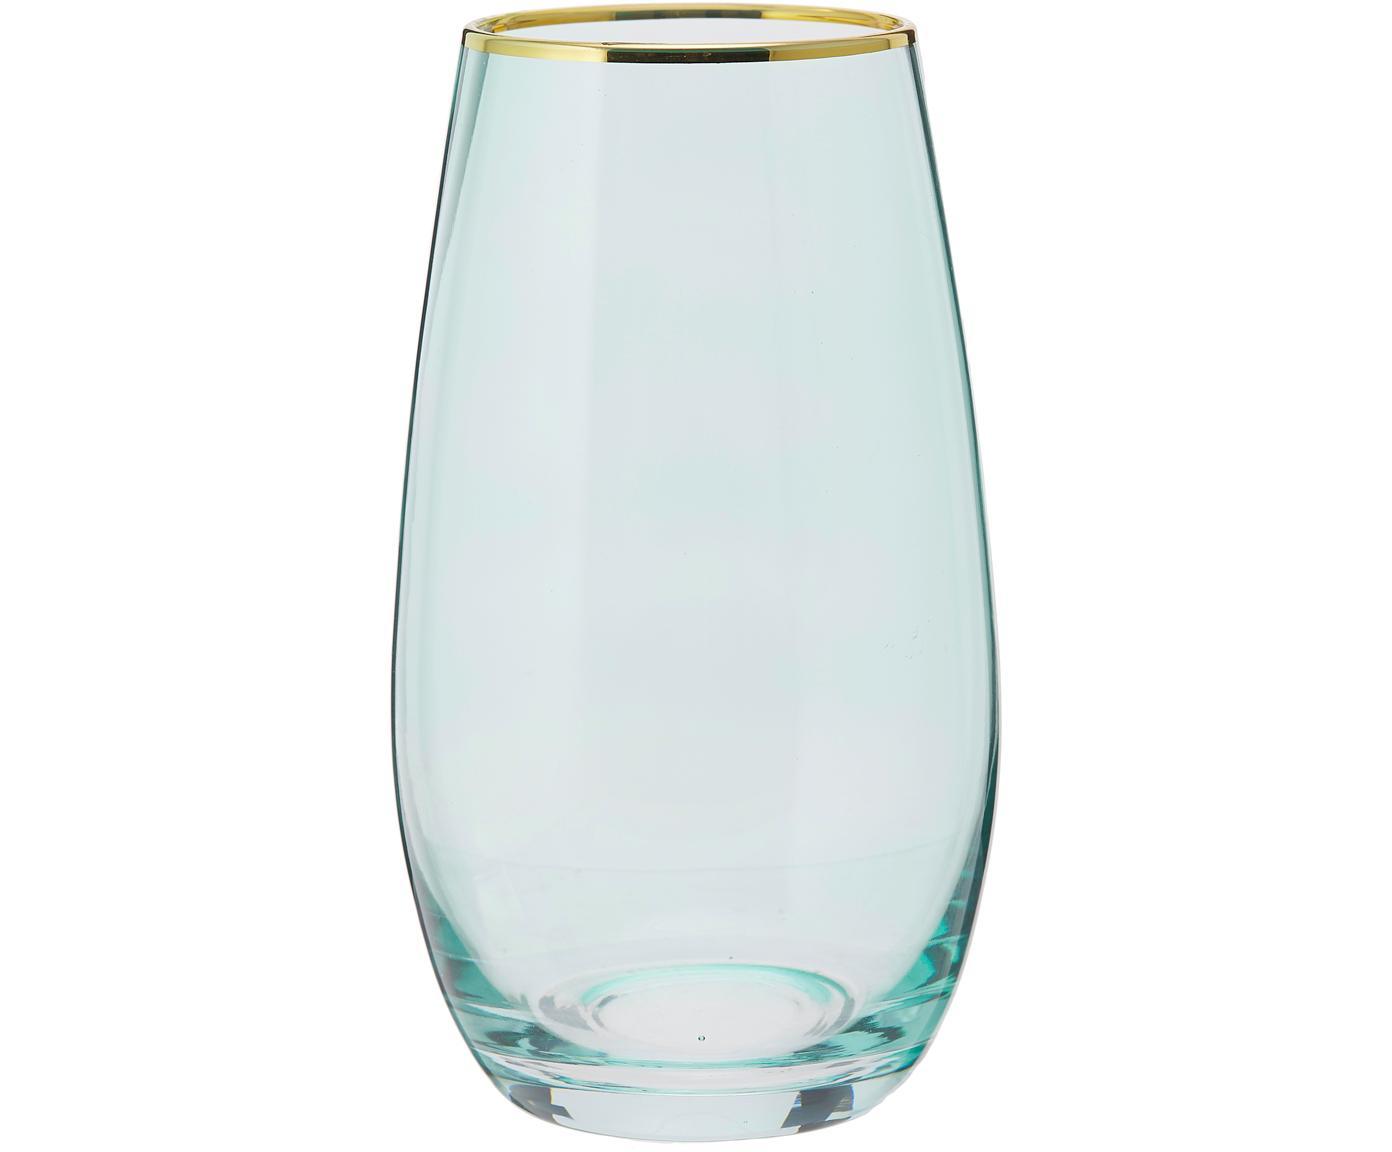 Waterglazen Chloe, 4 stuks, Glas, Lichtblauw, Ø 9 x H 16 cm